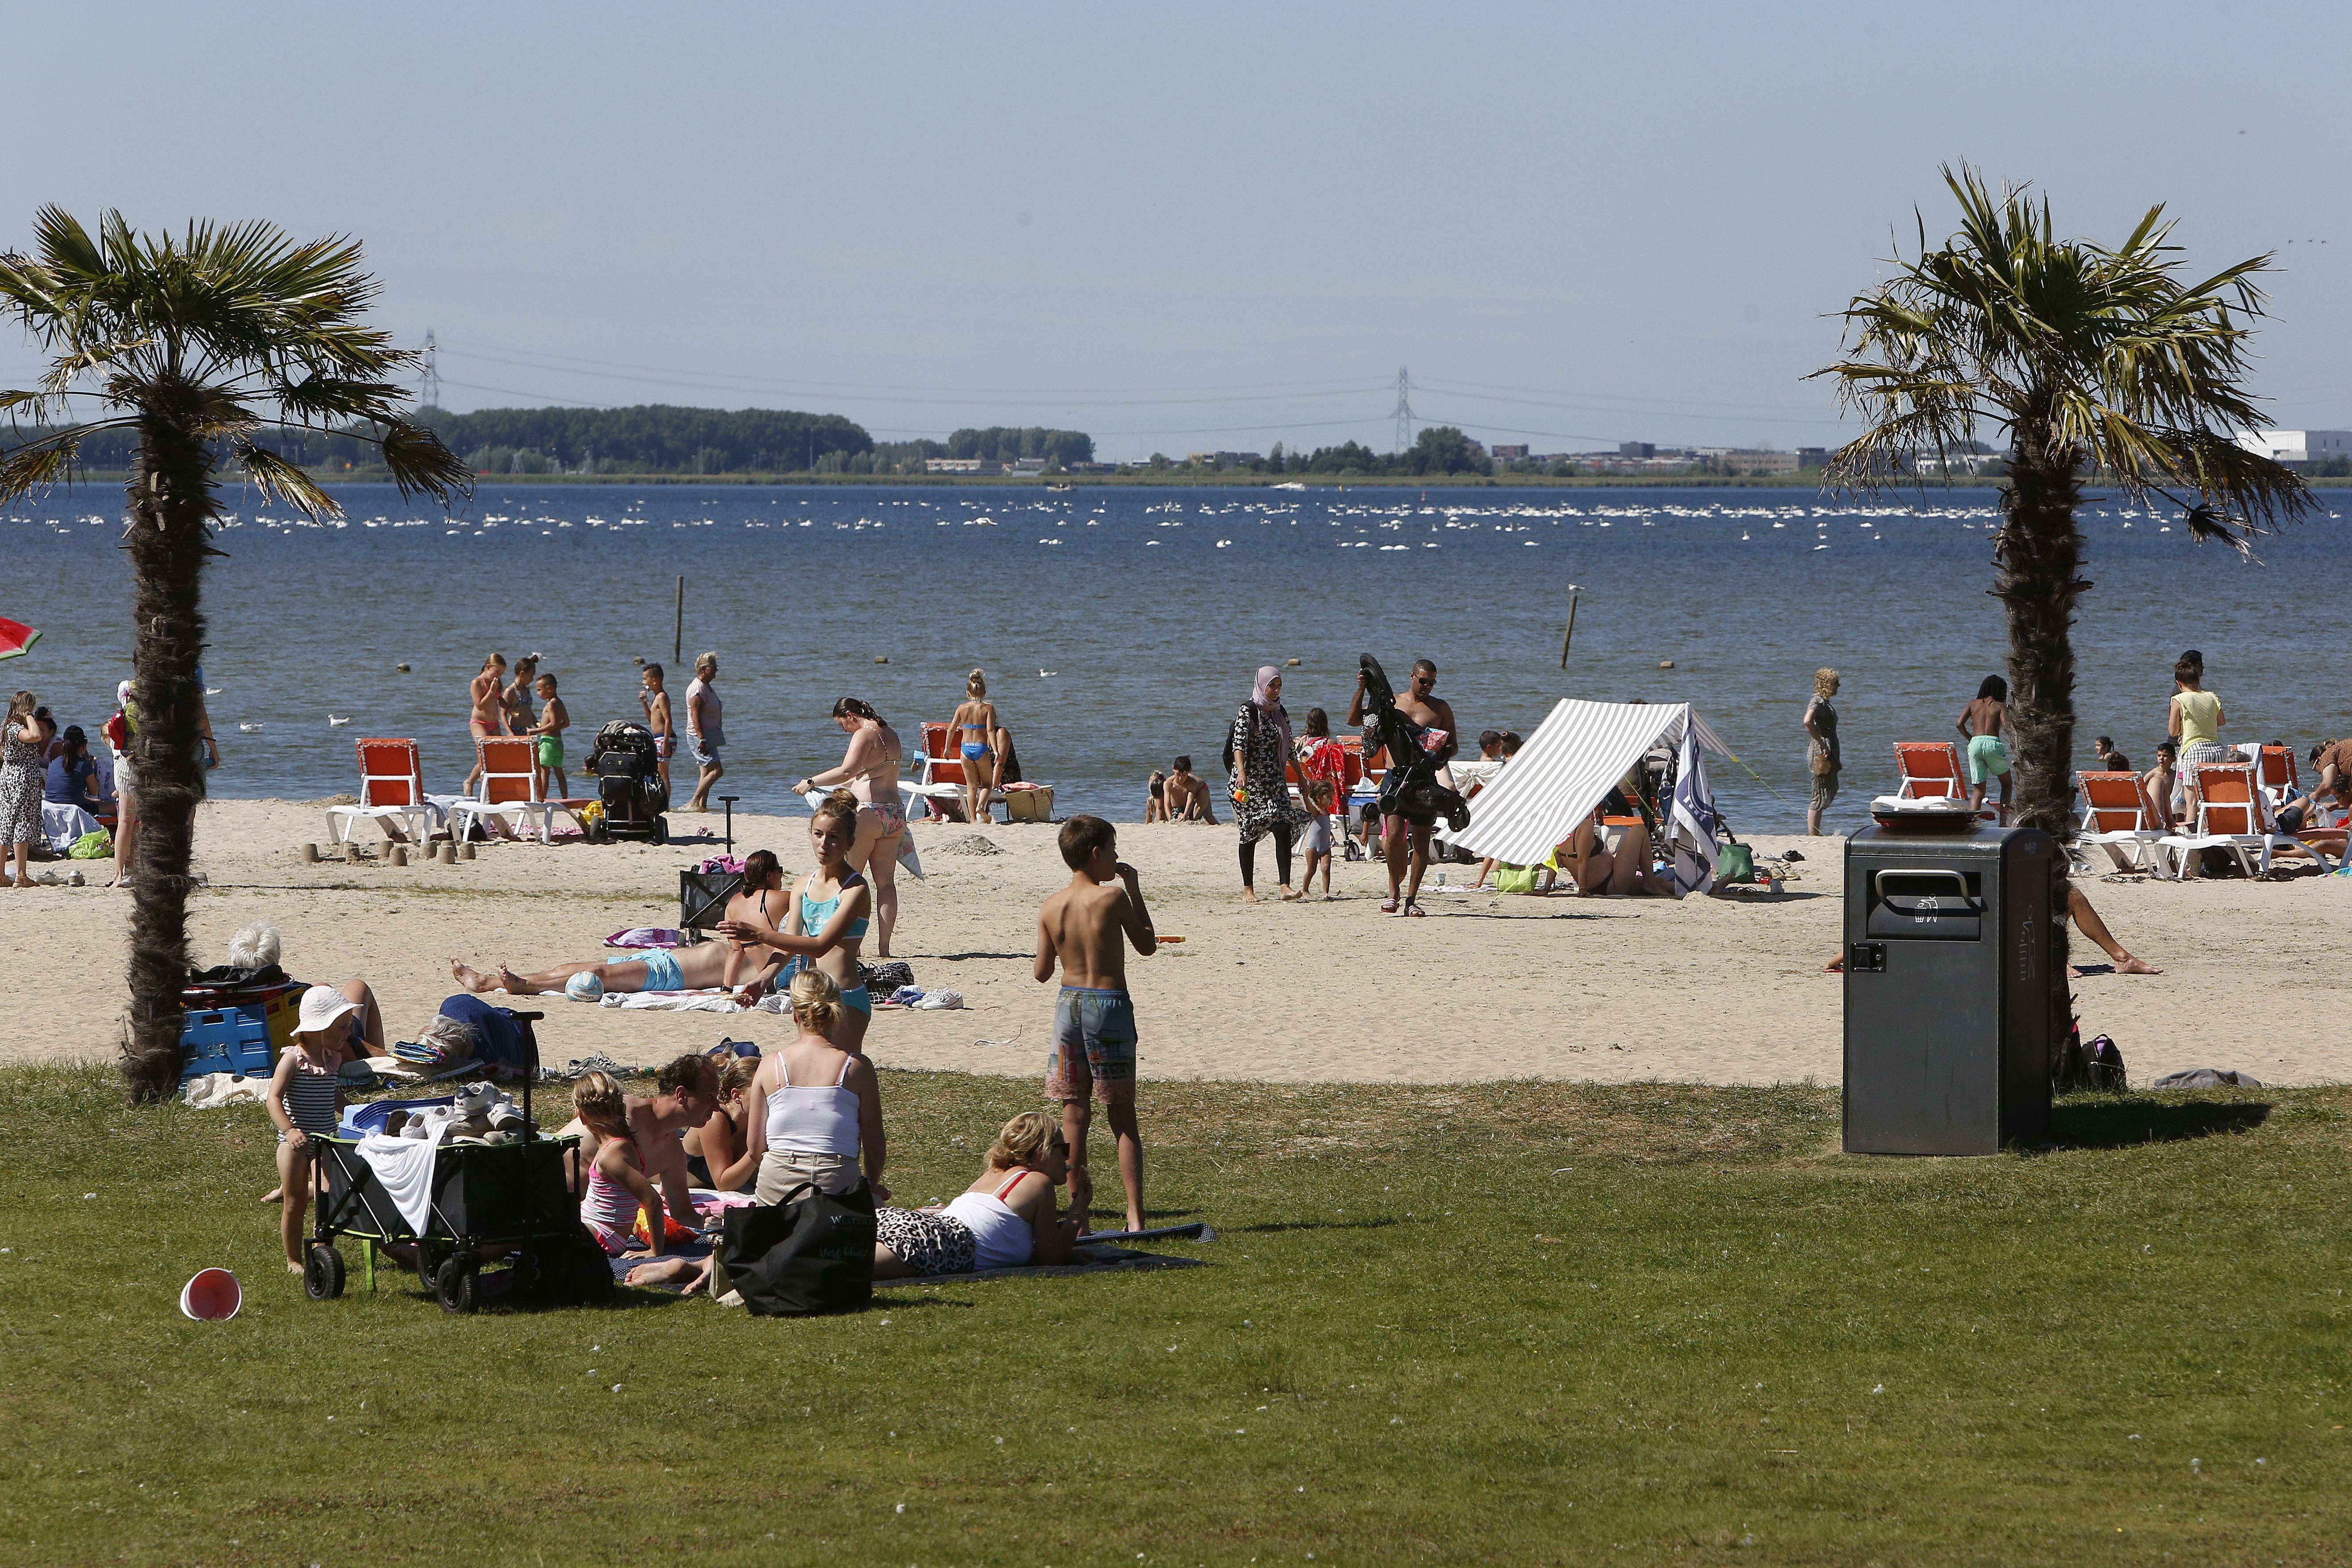 Poep in het zwemwater: In Loosdrecht en bij Oud-Valkeveen zit het soms in te hoge concentraties, het gevecht duurt voort